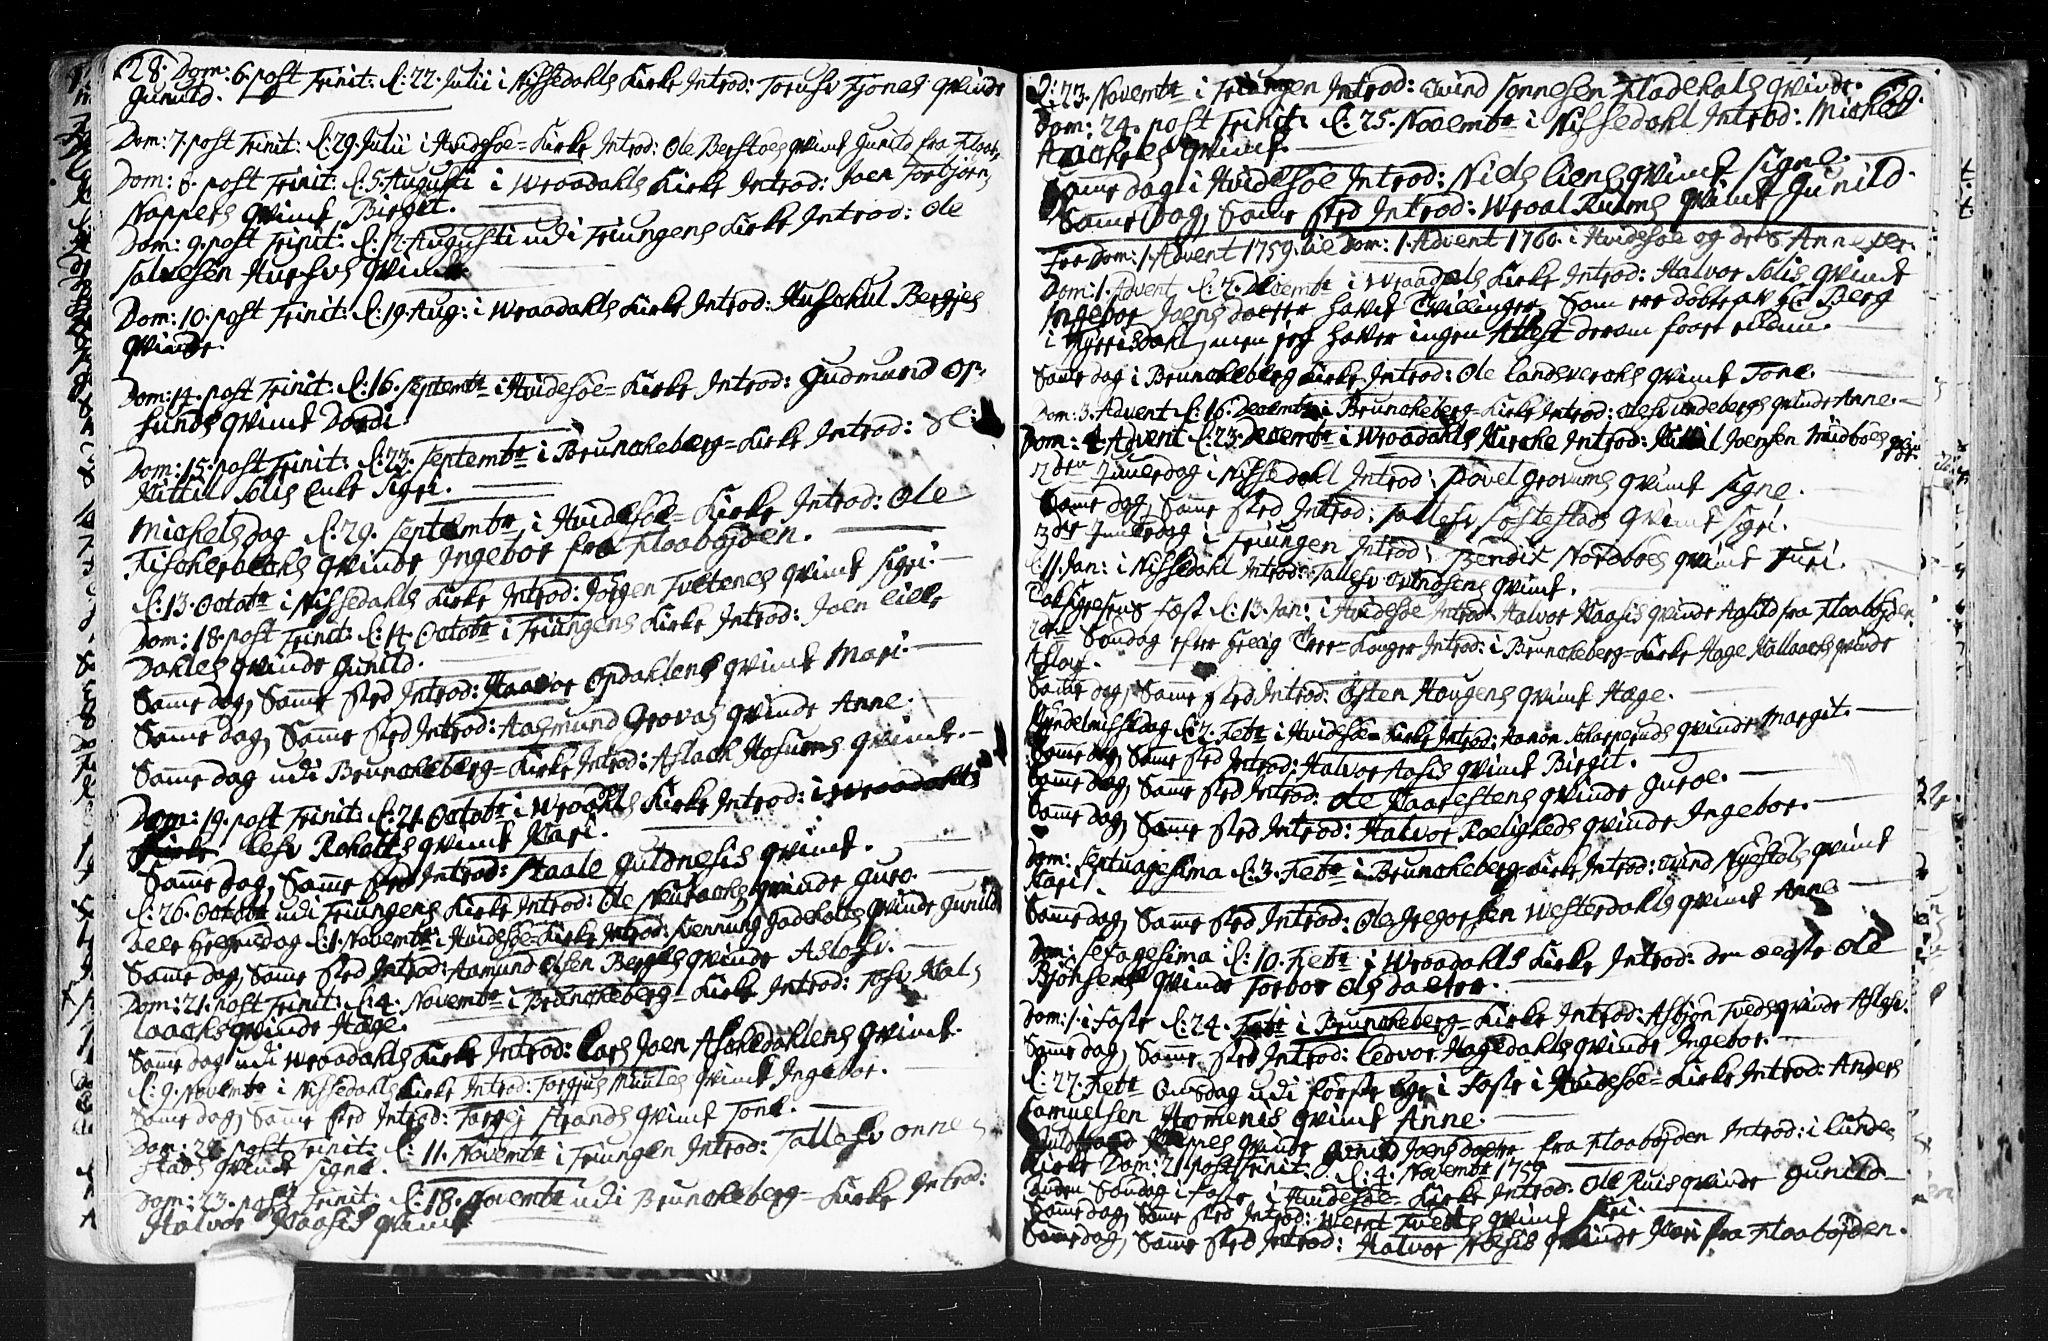 SAKO, Kviteseid kirkebøker, F/Fa/L0001: Ministerialbok nr. I 1, 1754-1773, s. 28-29